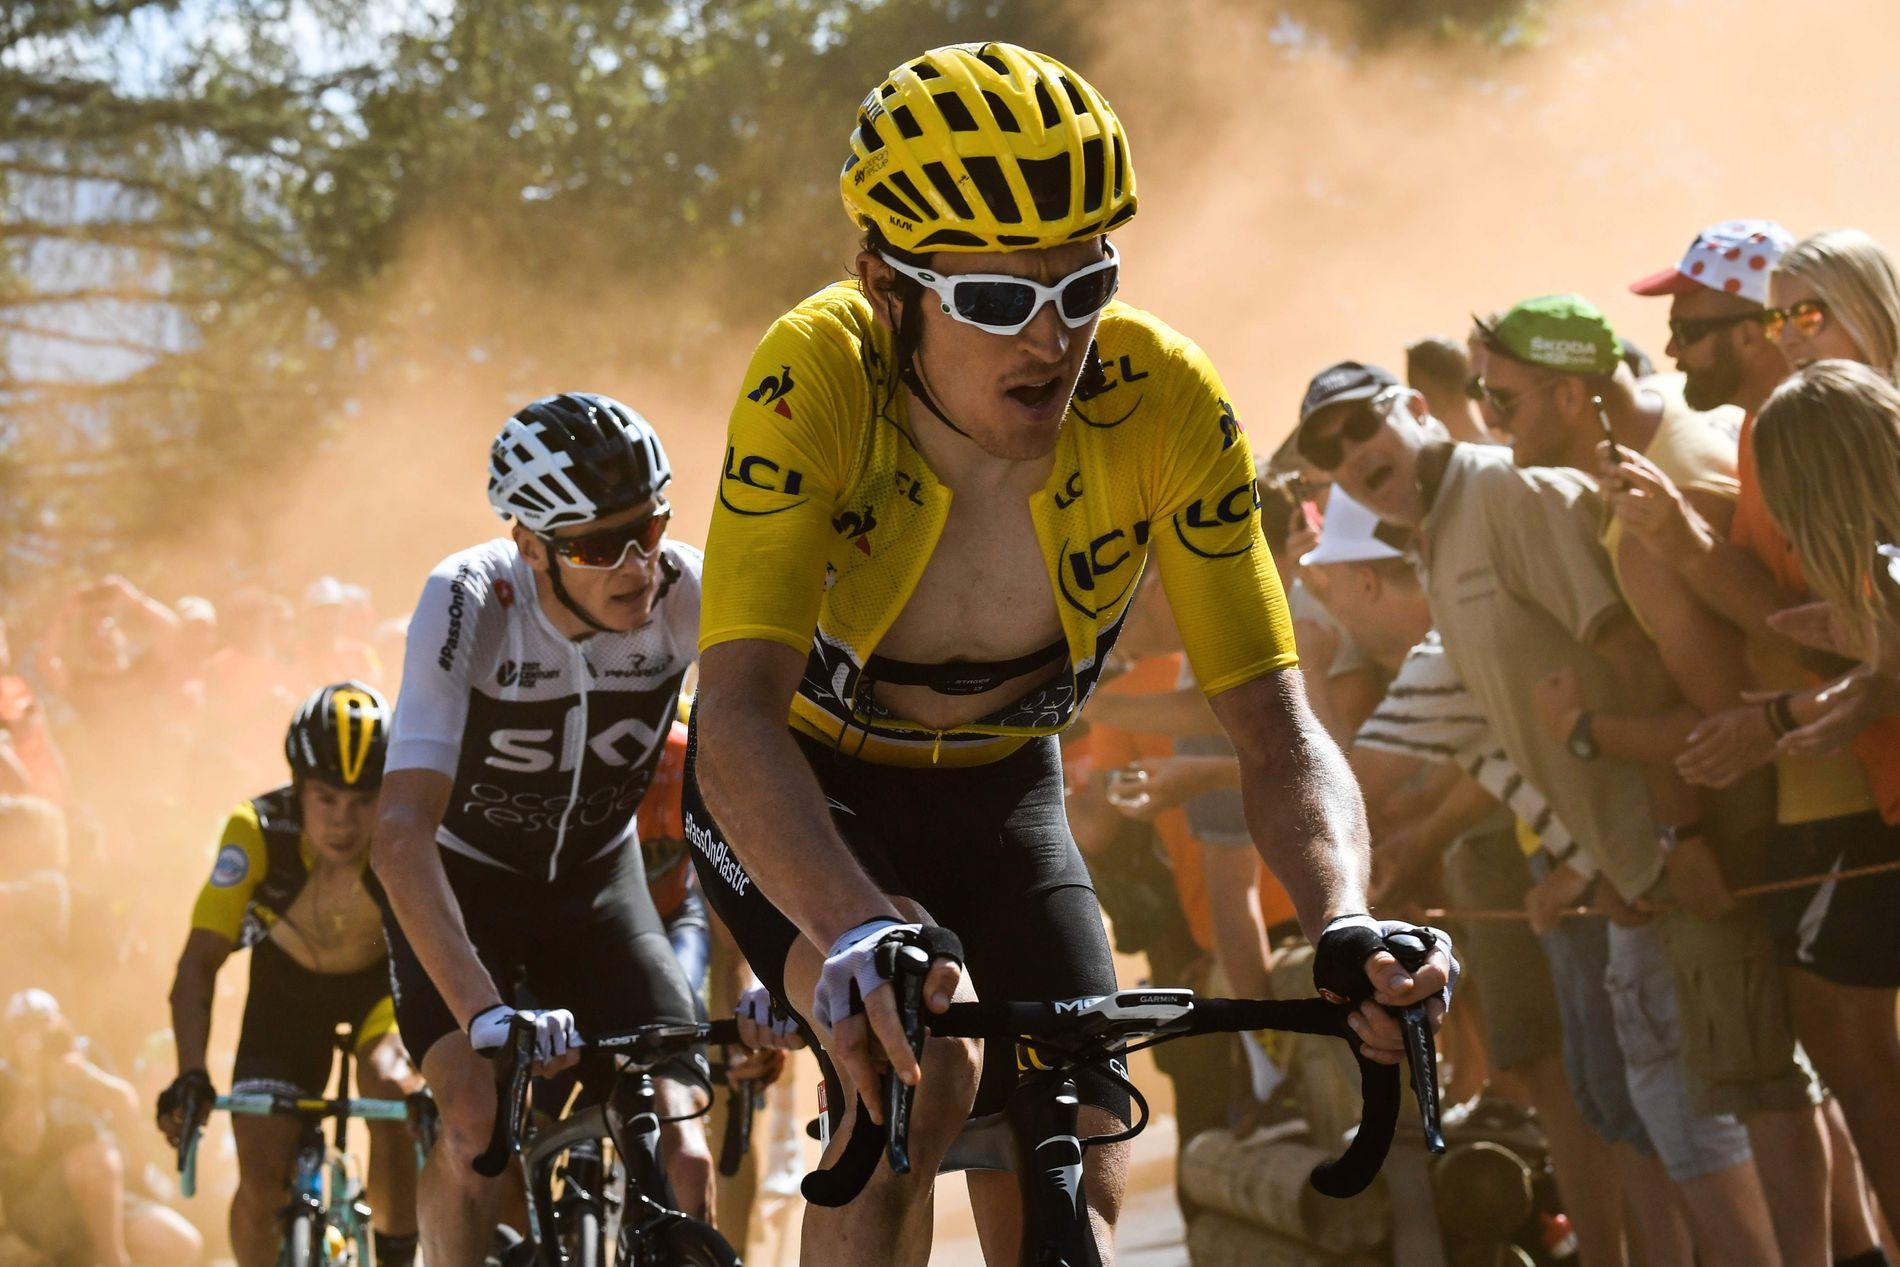 MOT SEIER: Geraint Thomas virker å bli den tredje Team Sky-rytteren som vinner Tour de France. Her er han under en fjelletappe i årets ritt.